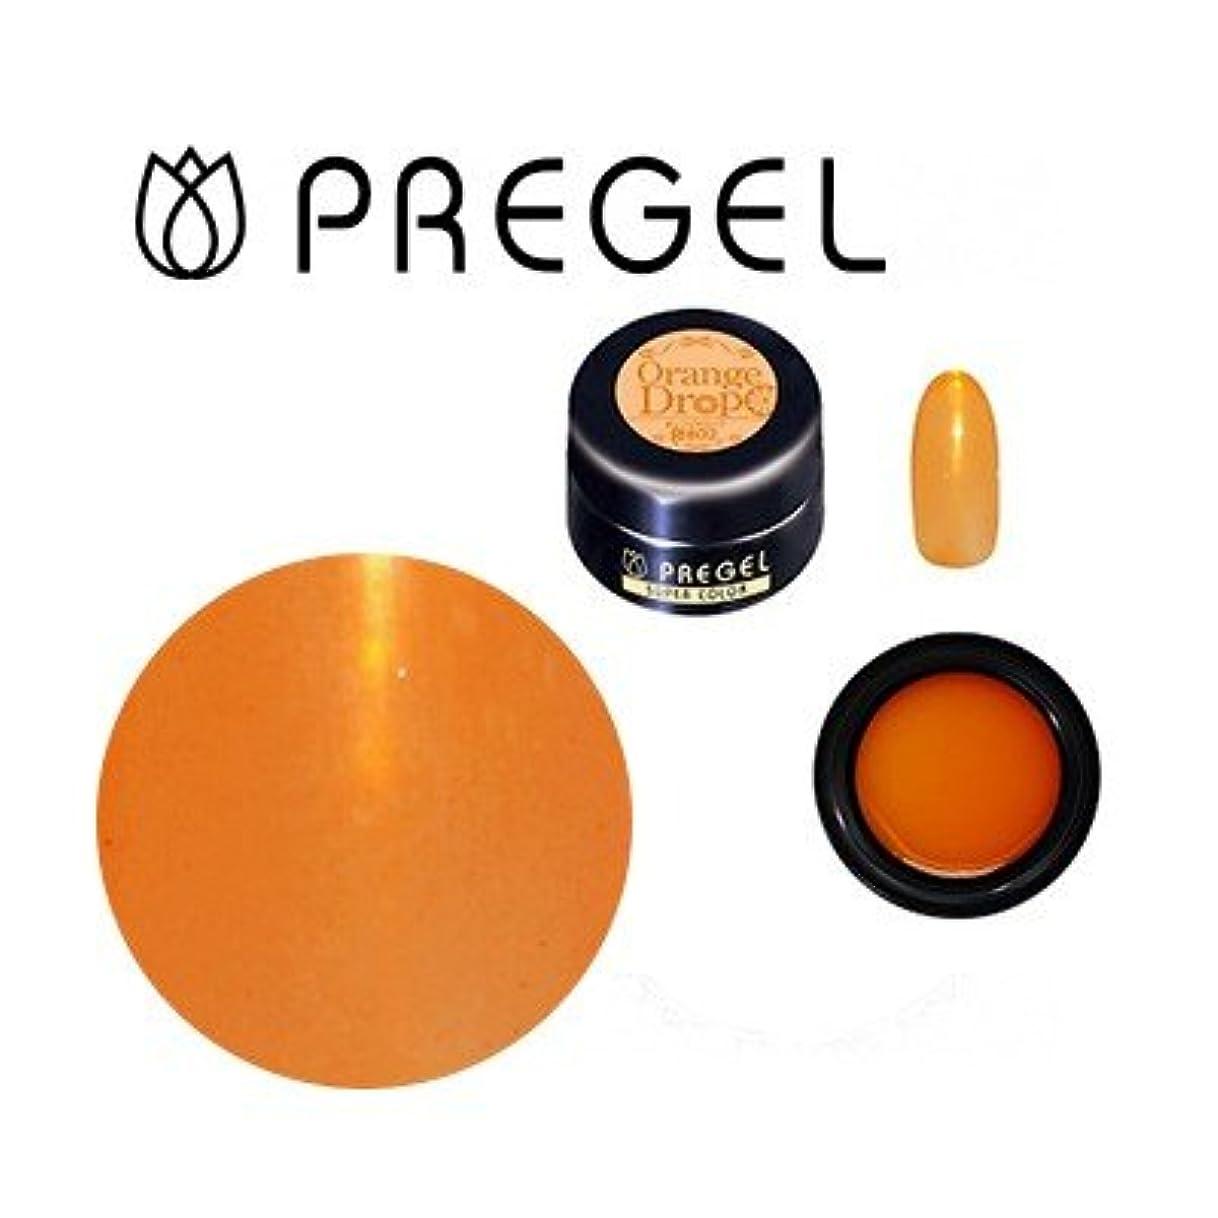 プリジェル ジェルネイル スーパーカラーEXオレンジドロップ802